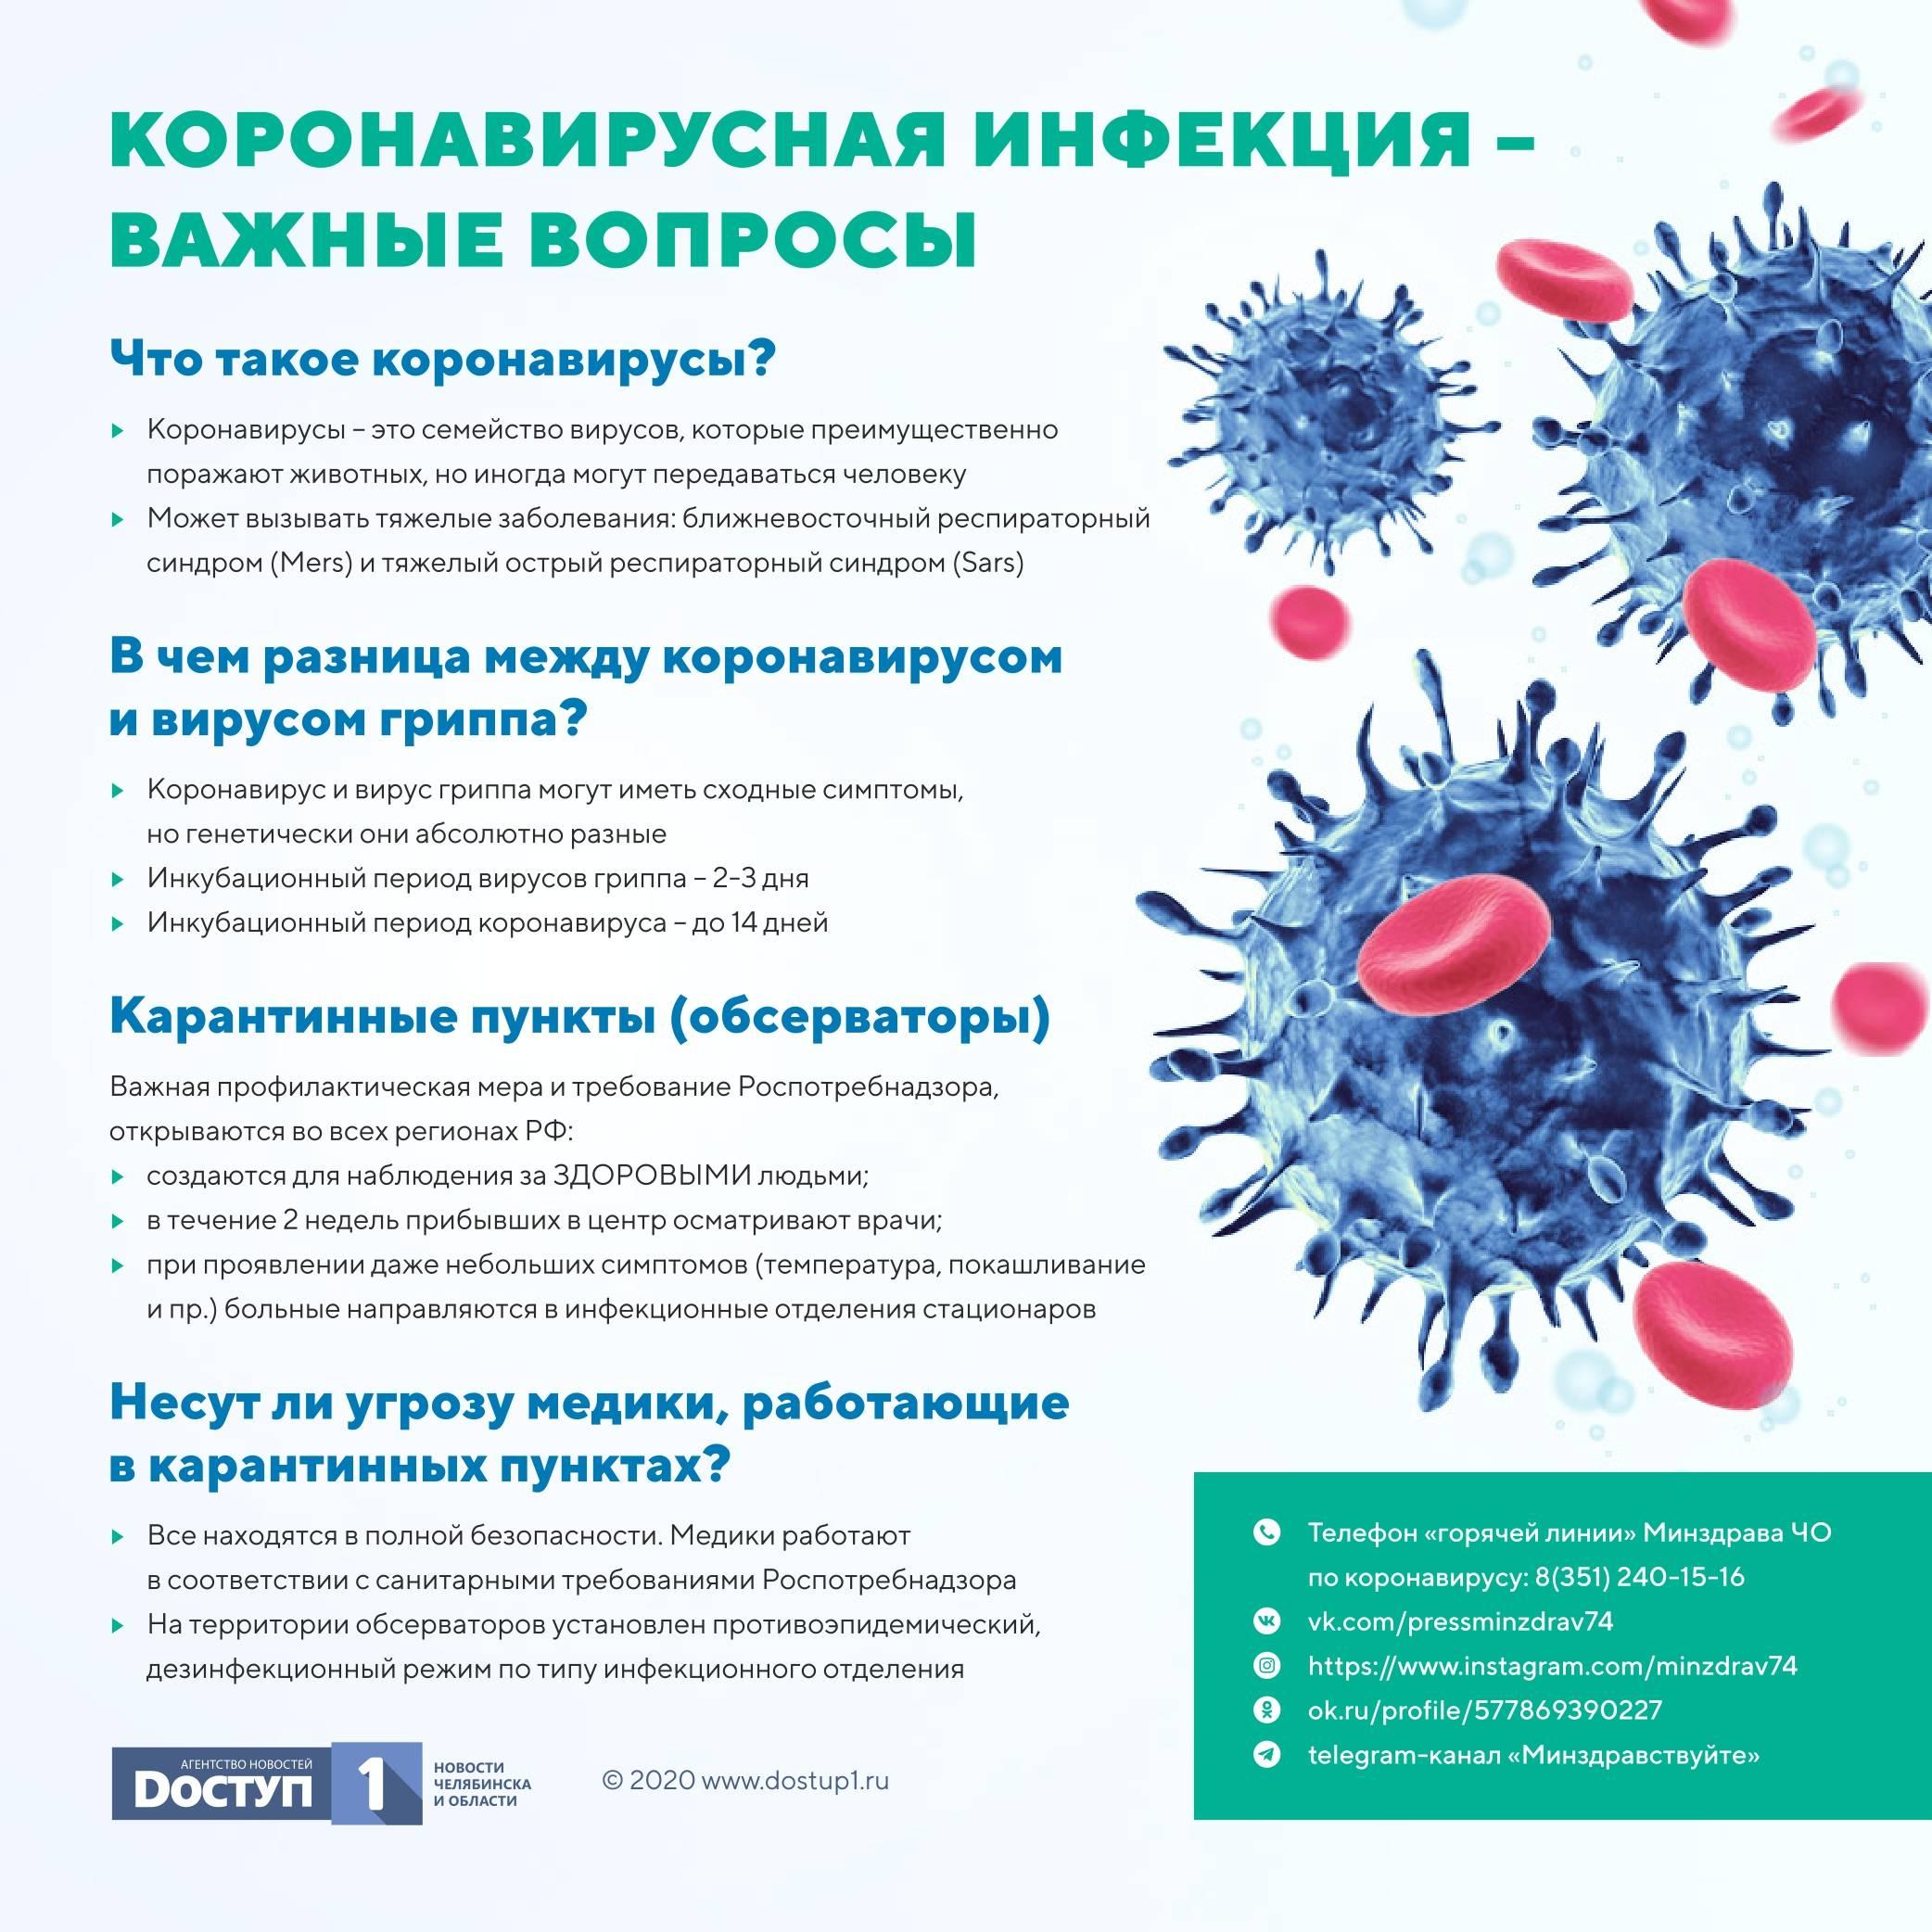 Вирусолог рассказал, как отличить коронавирус от орви